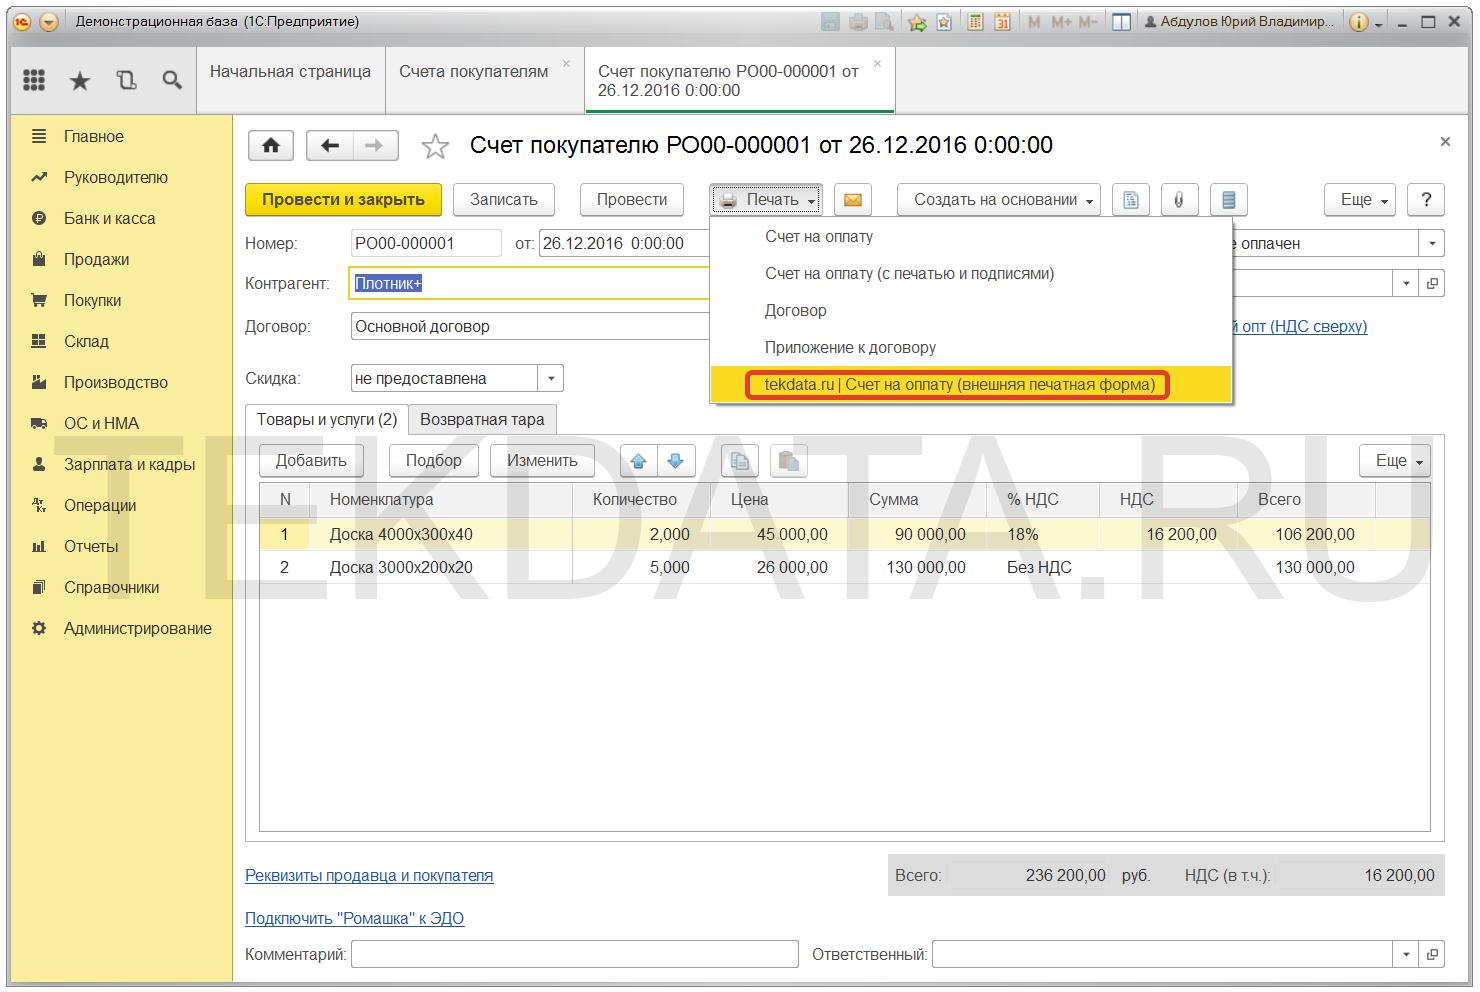 Счет на оплату покупателю в 1С Бухгалтерия 3.0 (рис. 1.) | tekdata.ru